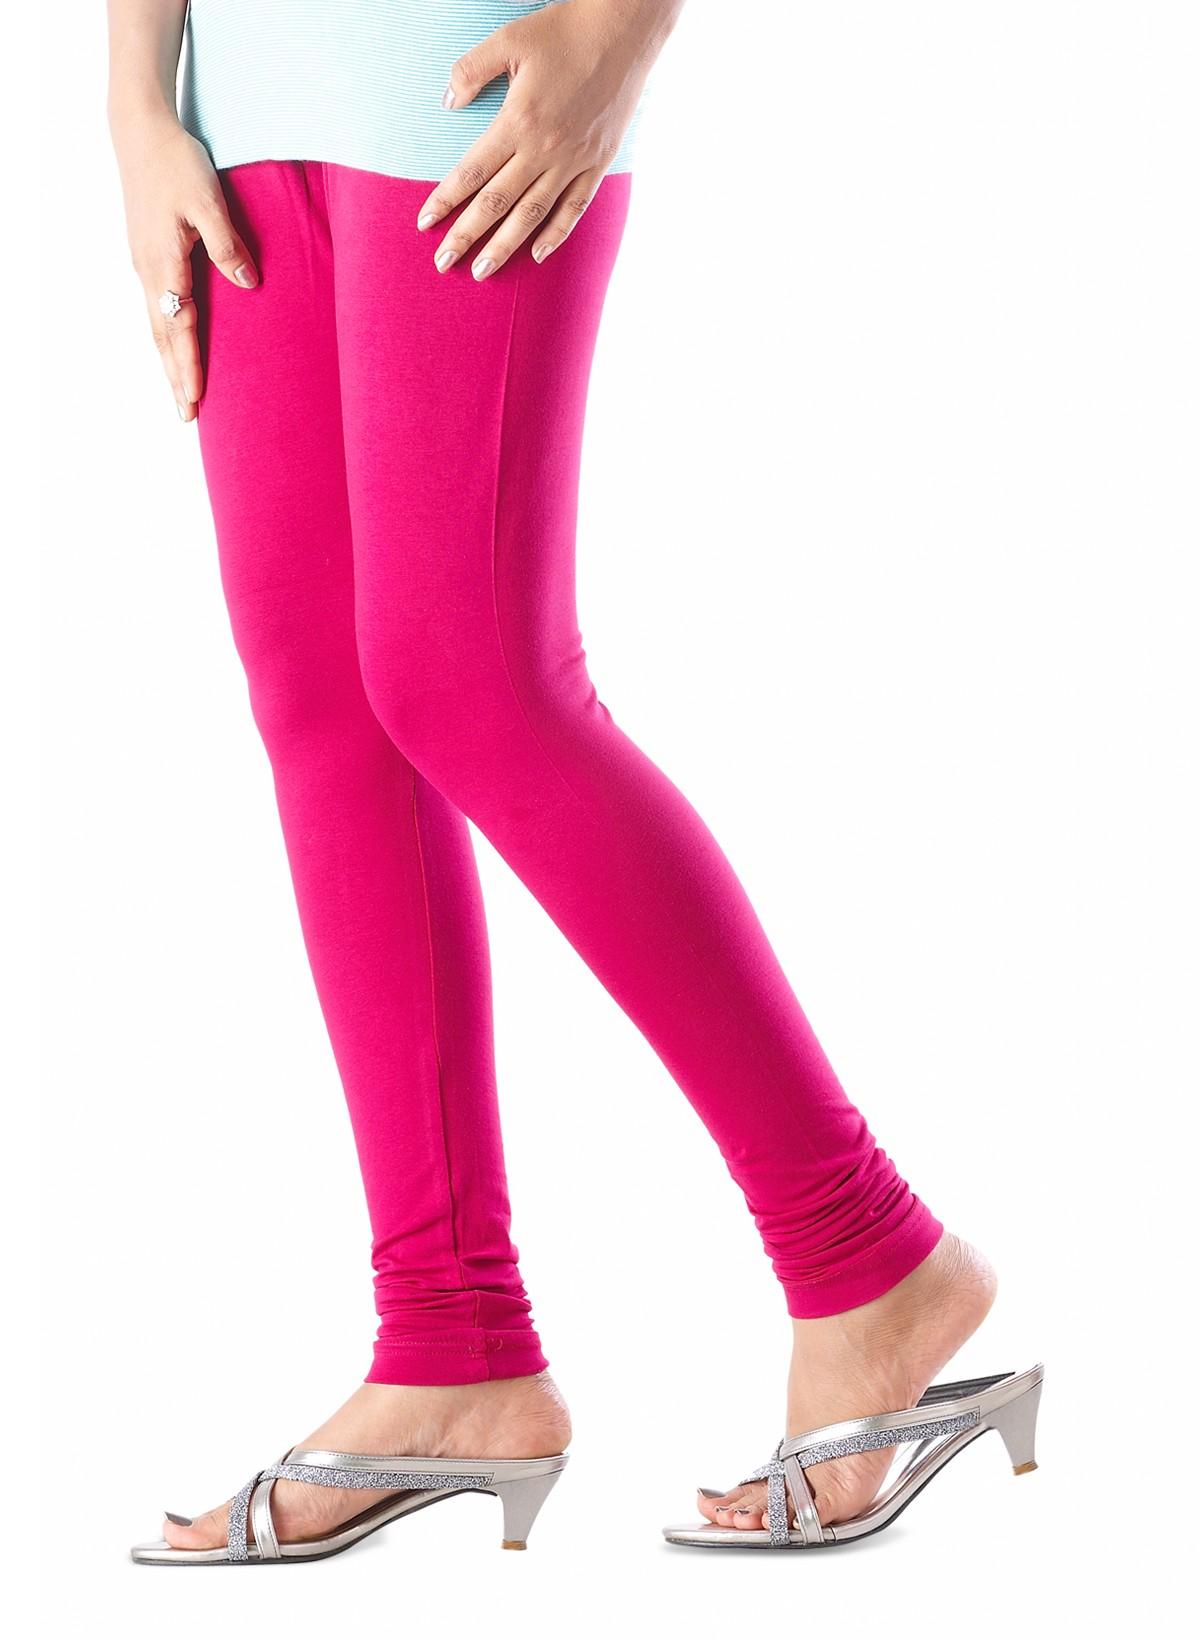 How to Wear Pink Leggings in Summer u2013 careyfashion.com